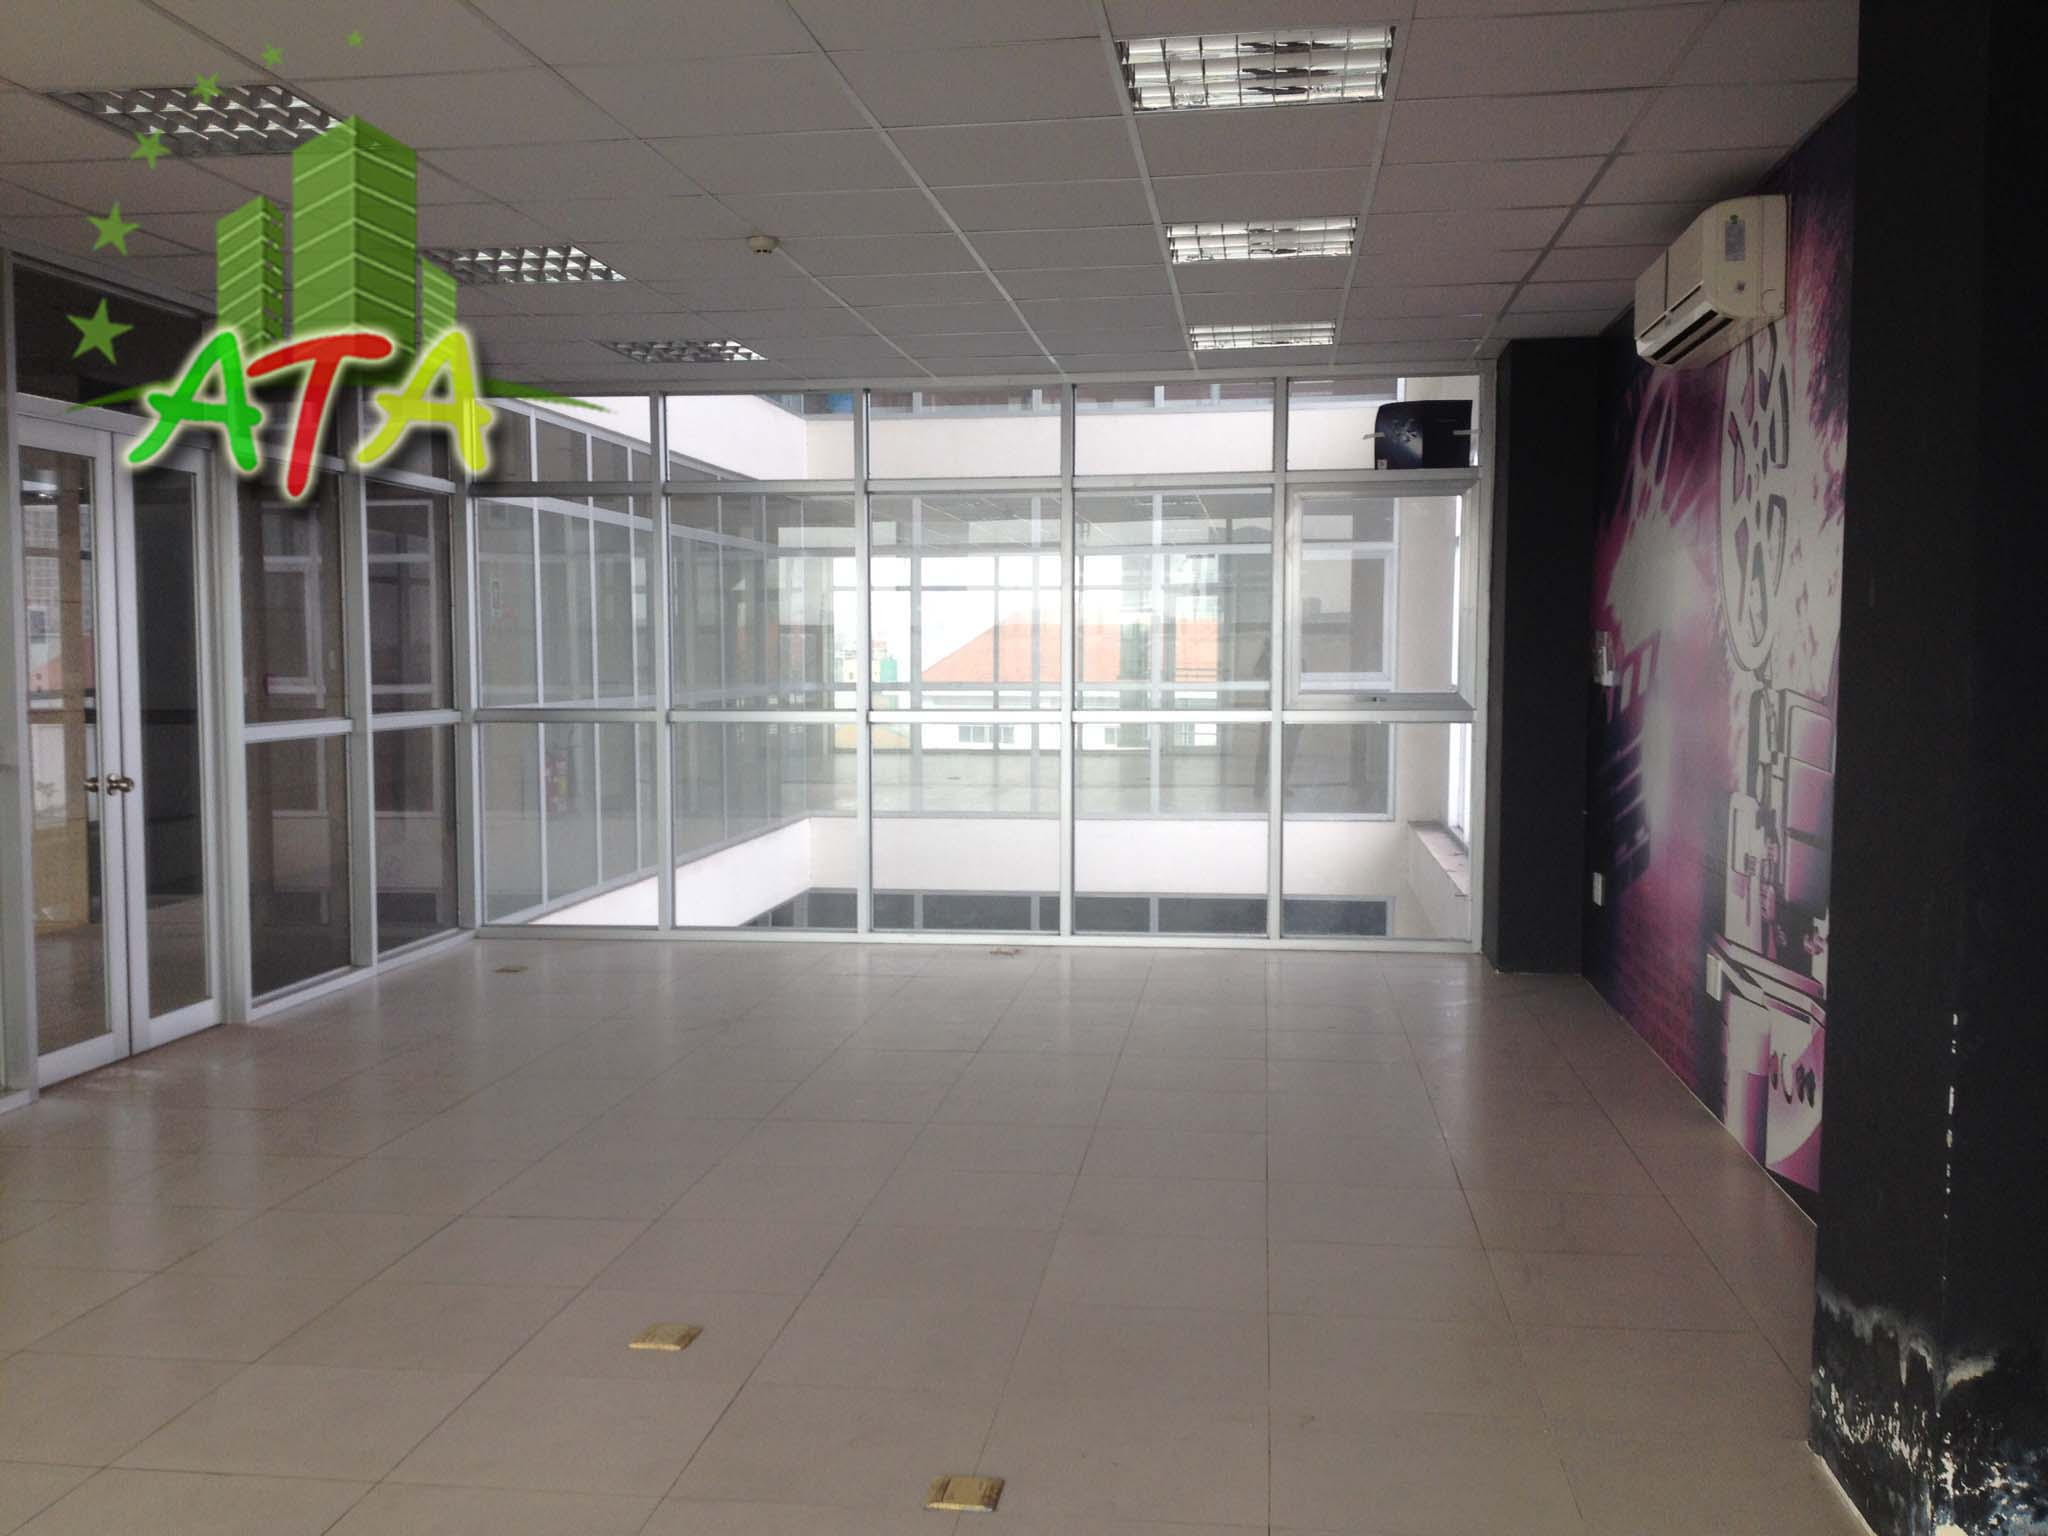 Văn phòng cho thuê quận Tân Bình giá rẻ, đường Trường Sơn, Sân bay Tân Sơn Nhất,